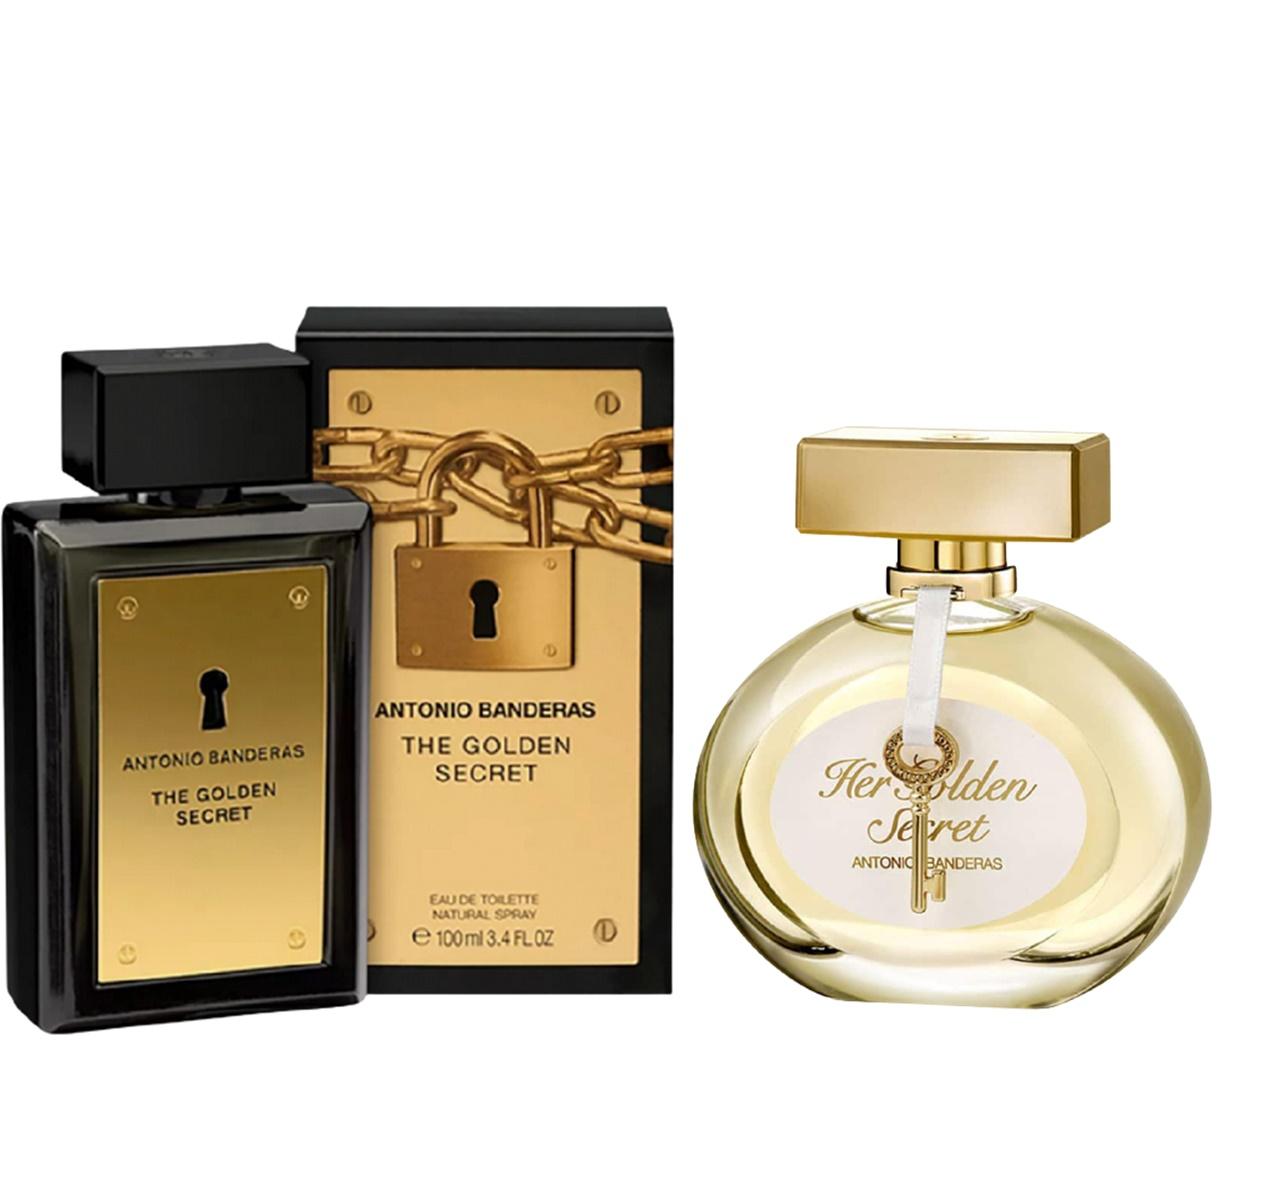 Kit Perfume Feminino Her Golden Secret 50ml+Perfume Masculino The Golden Secret 50ml Antonio Banderas